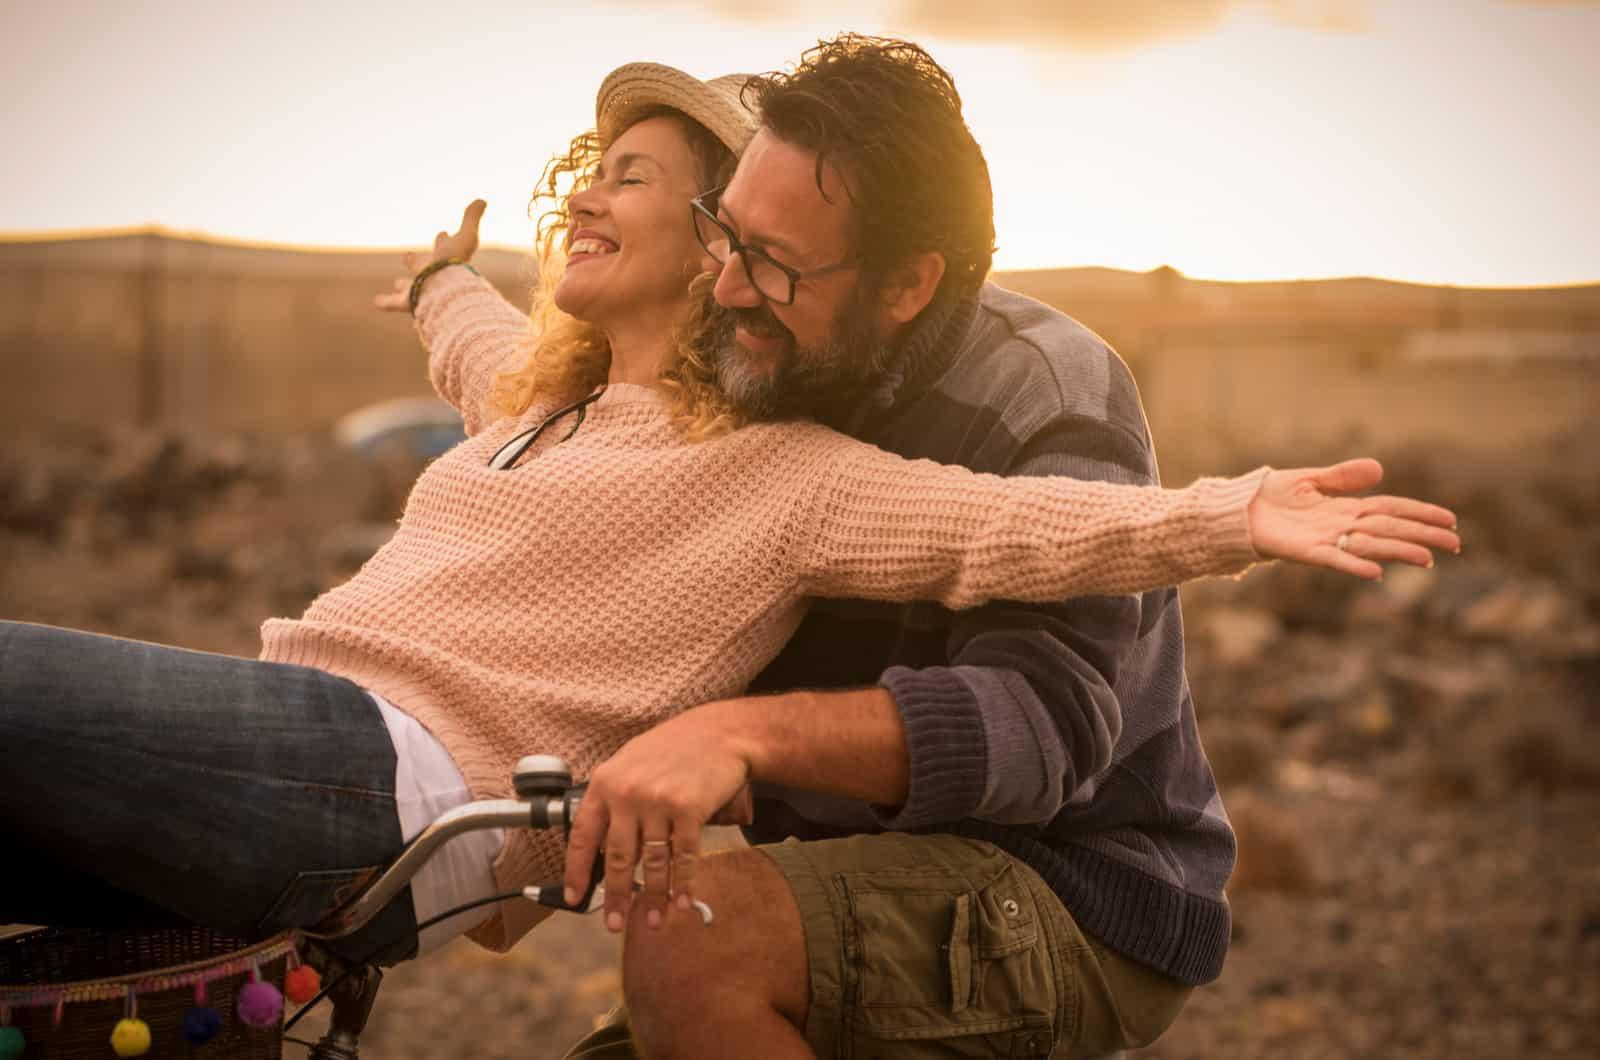 Frau und Mann fahren Fahrrad und lachen